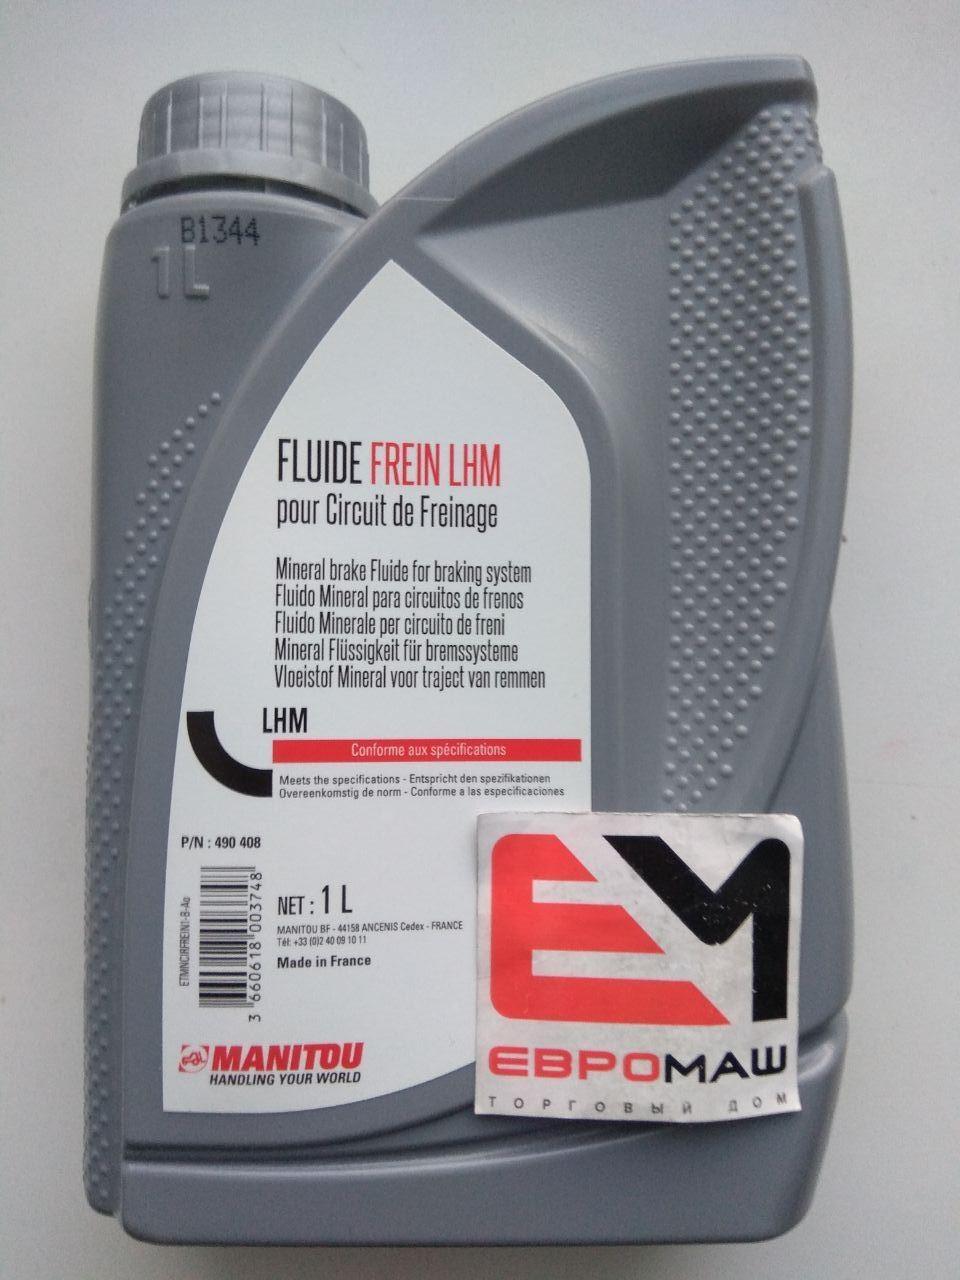 Тормозная жидкость Manitou (Маниту) 490408 (оригинал, 1 л)